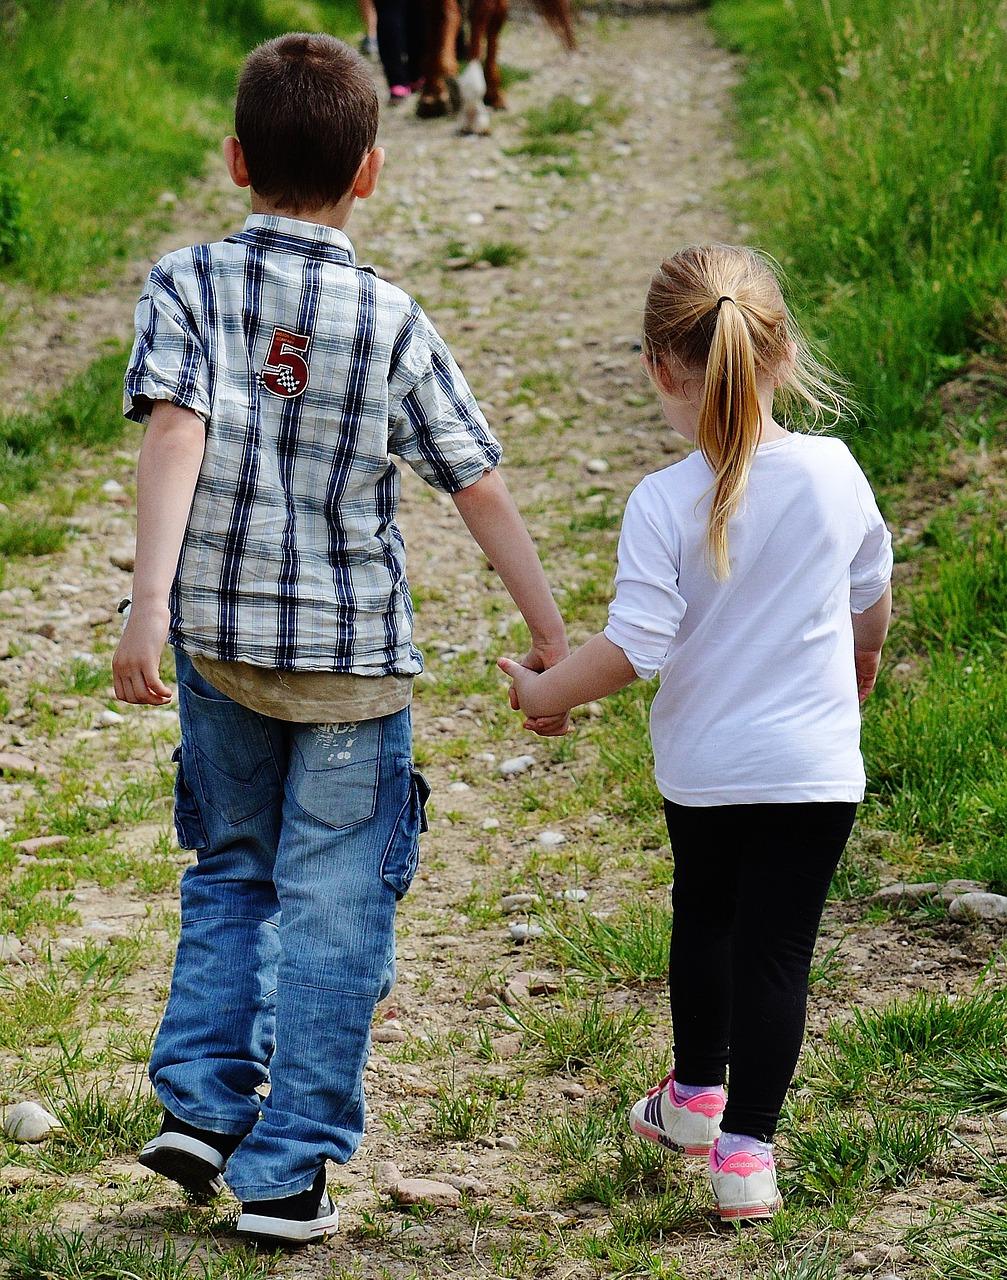 children, hand in hand, cute